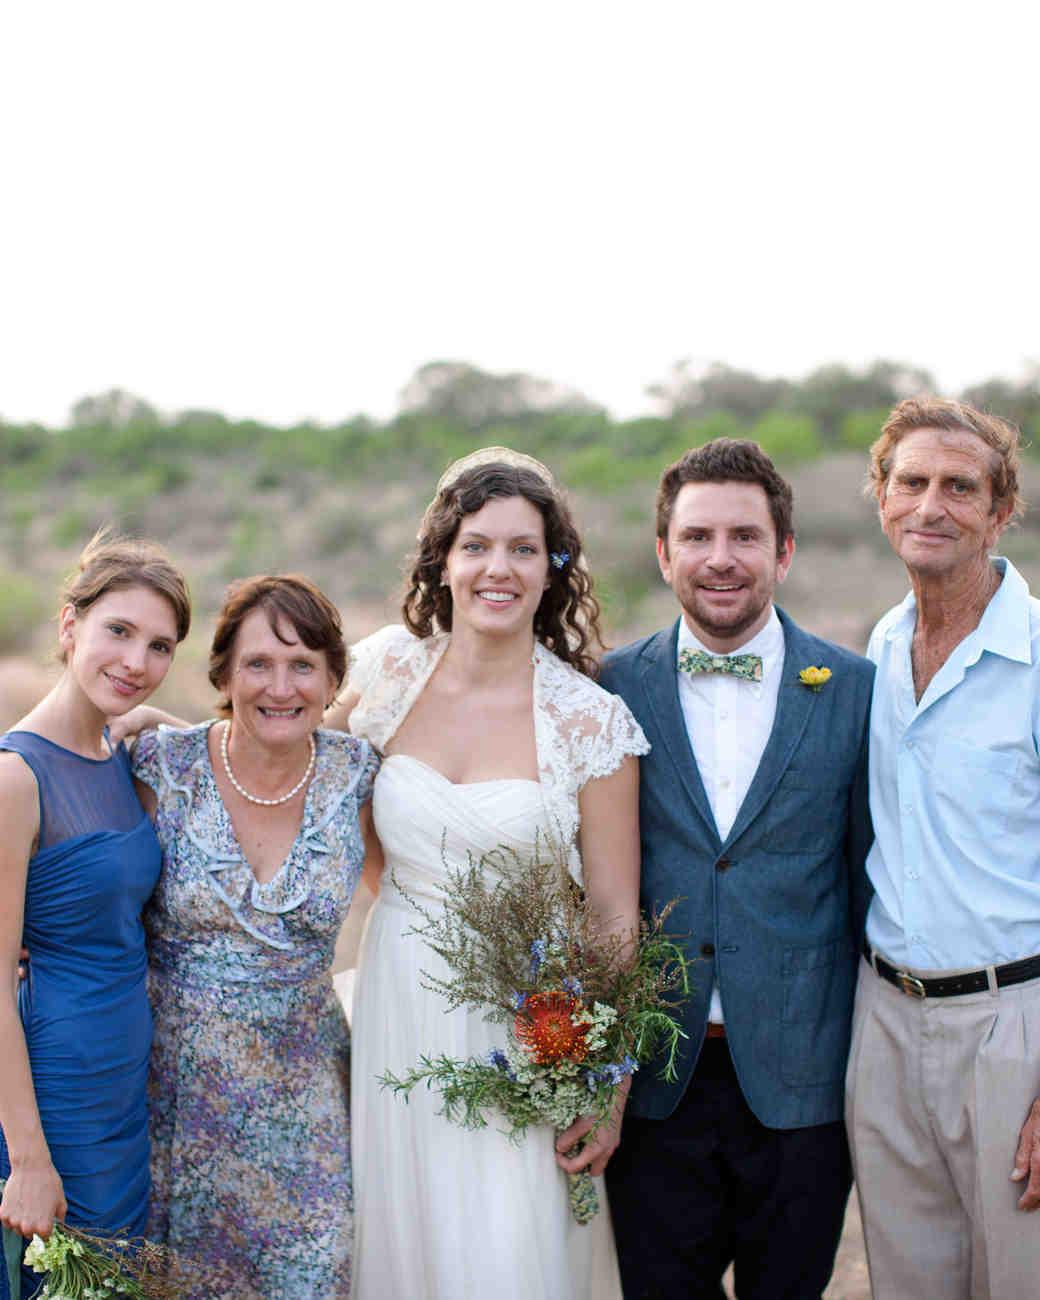 rw-ellie-shawn-groom-family-110423.jpg